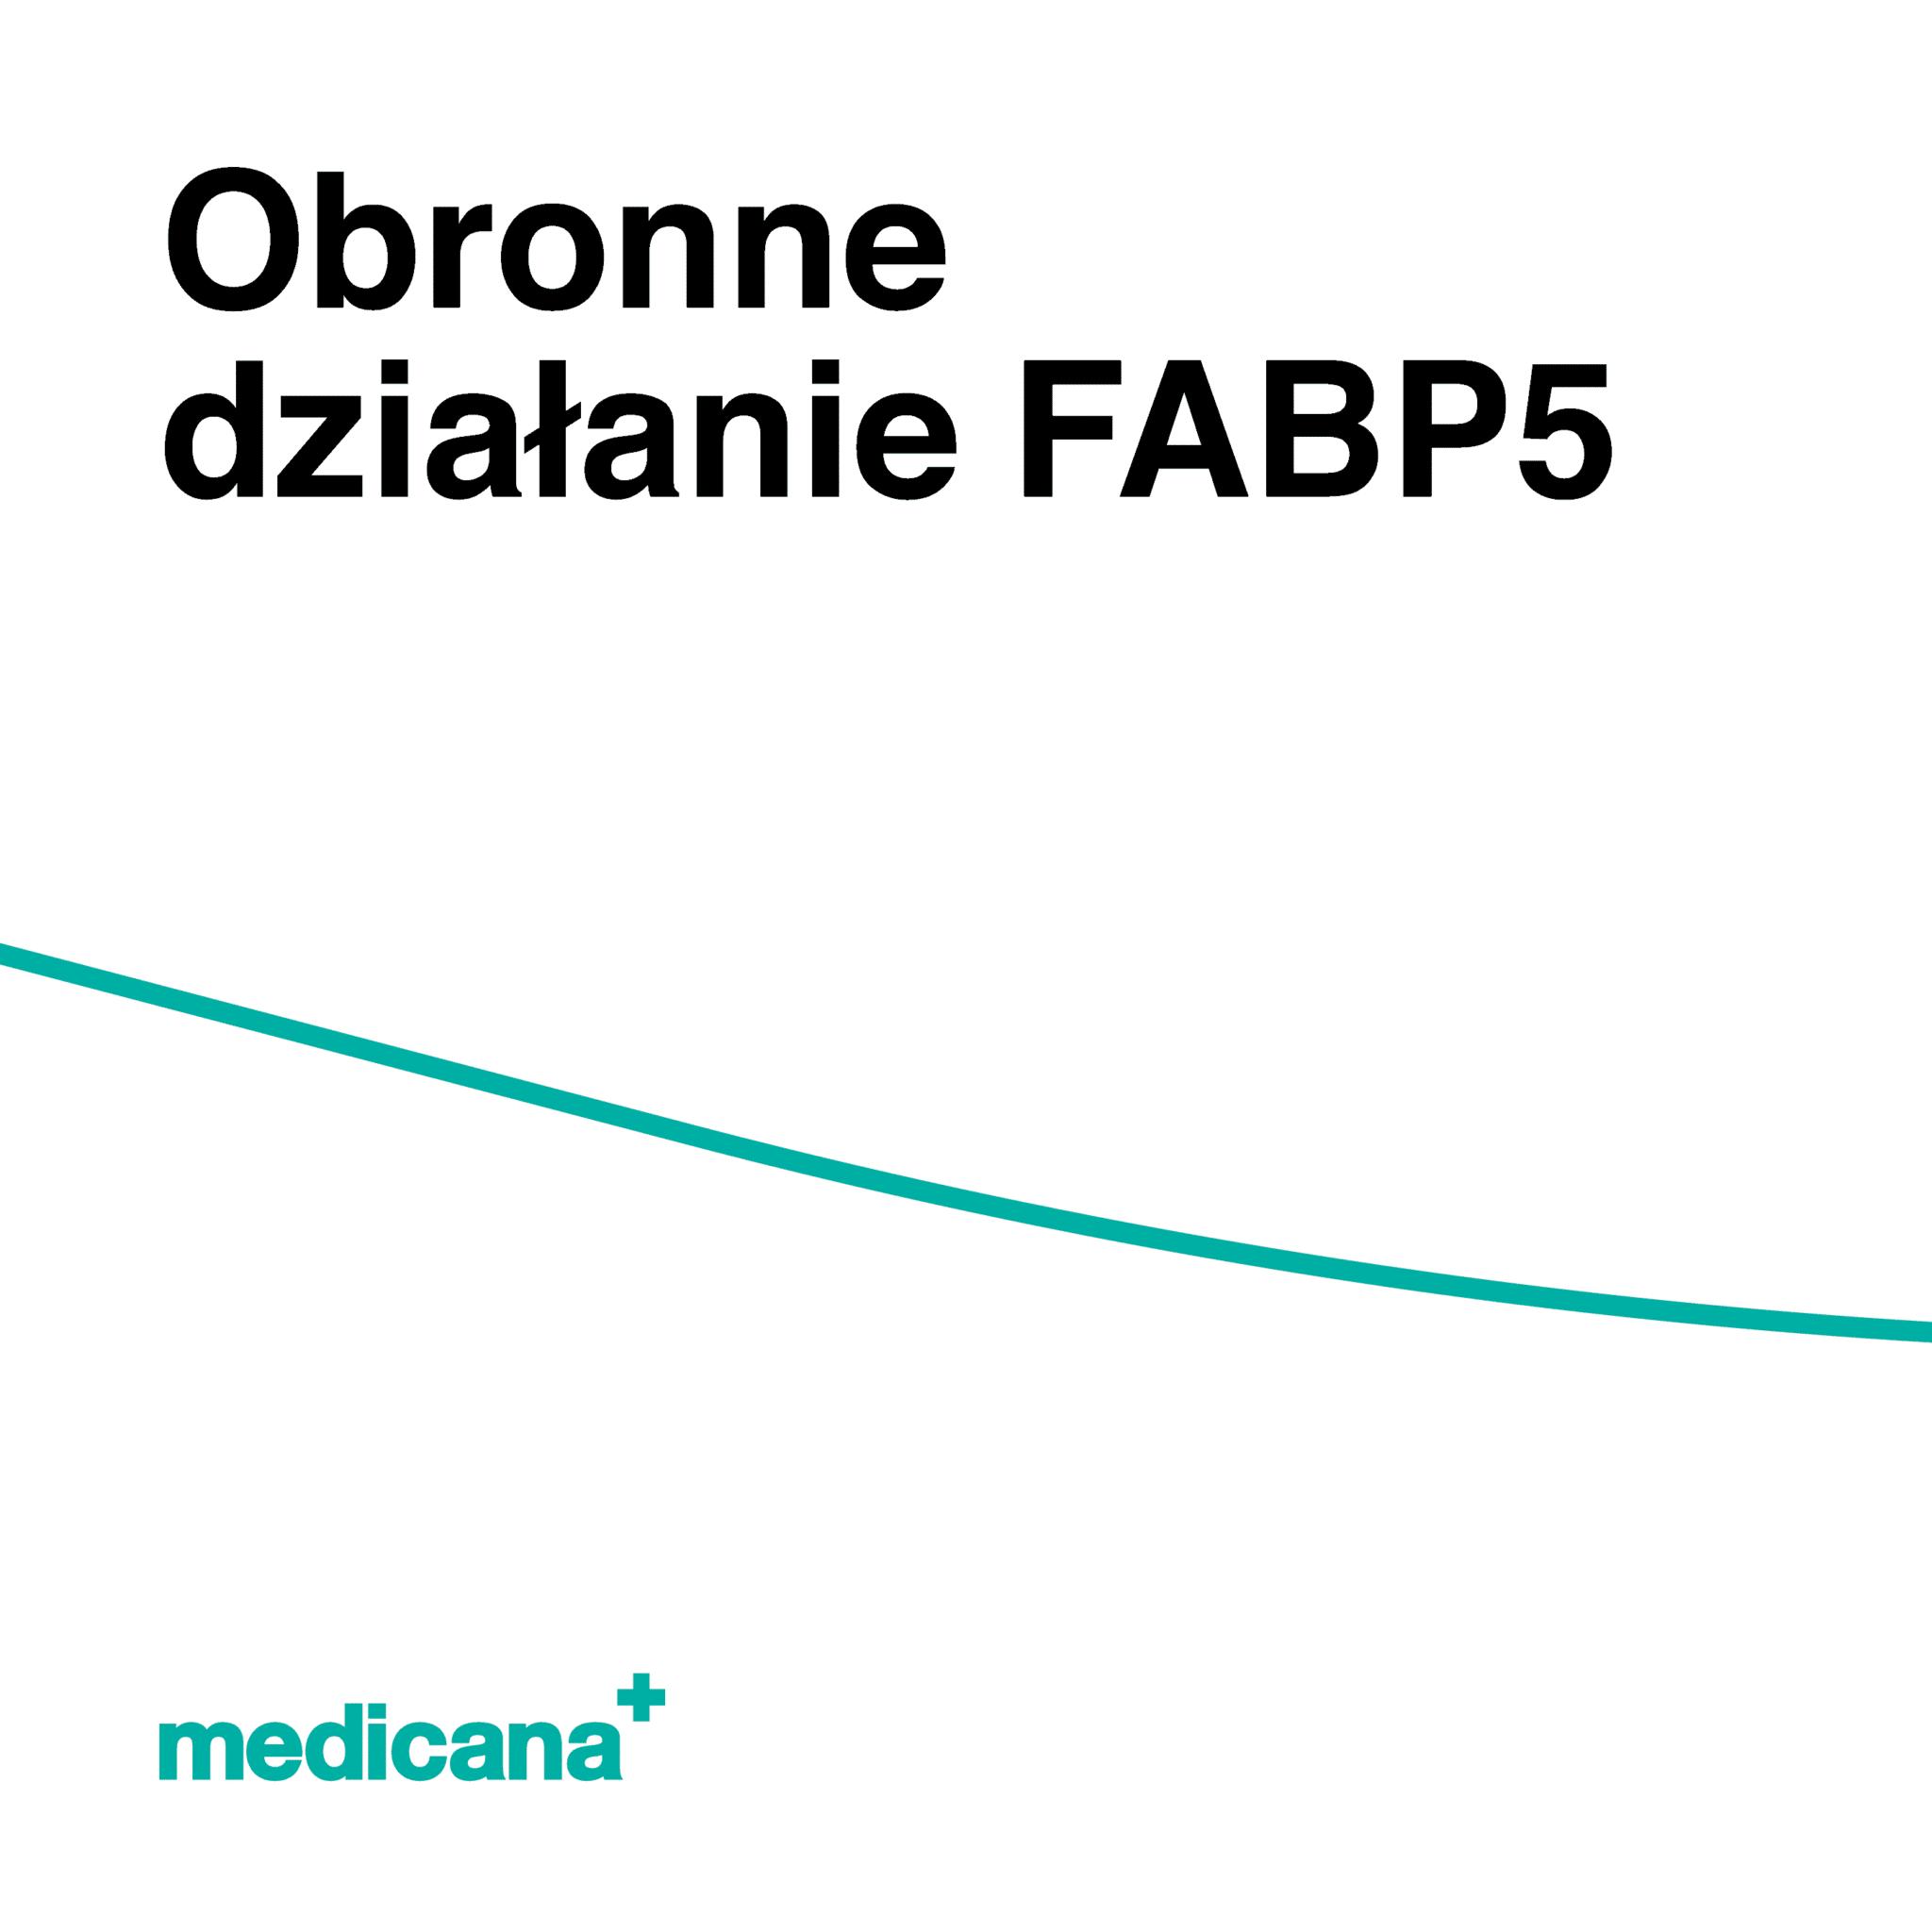 Grafika, białe tło z zieloną kreską i czarnym napisem Obronne działanie FABP5 oraz zielonym logo Medicana w lewym dolnym rogu.